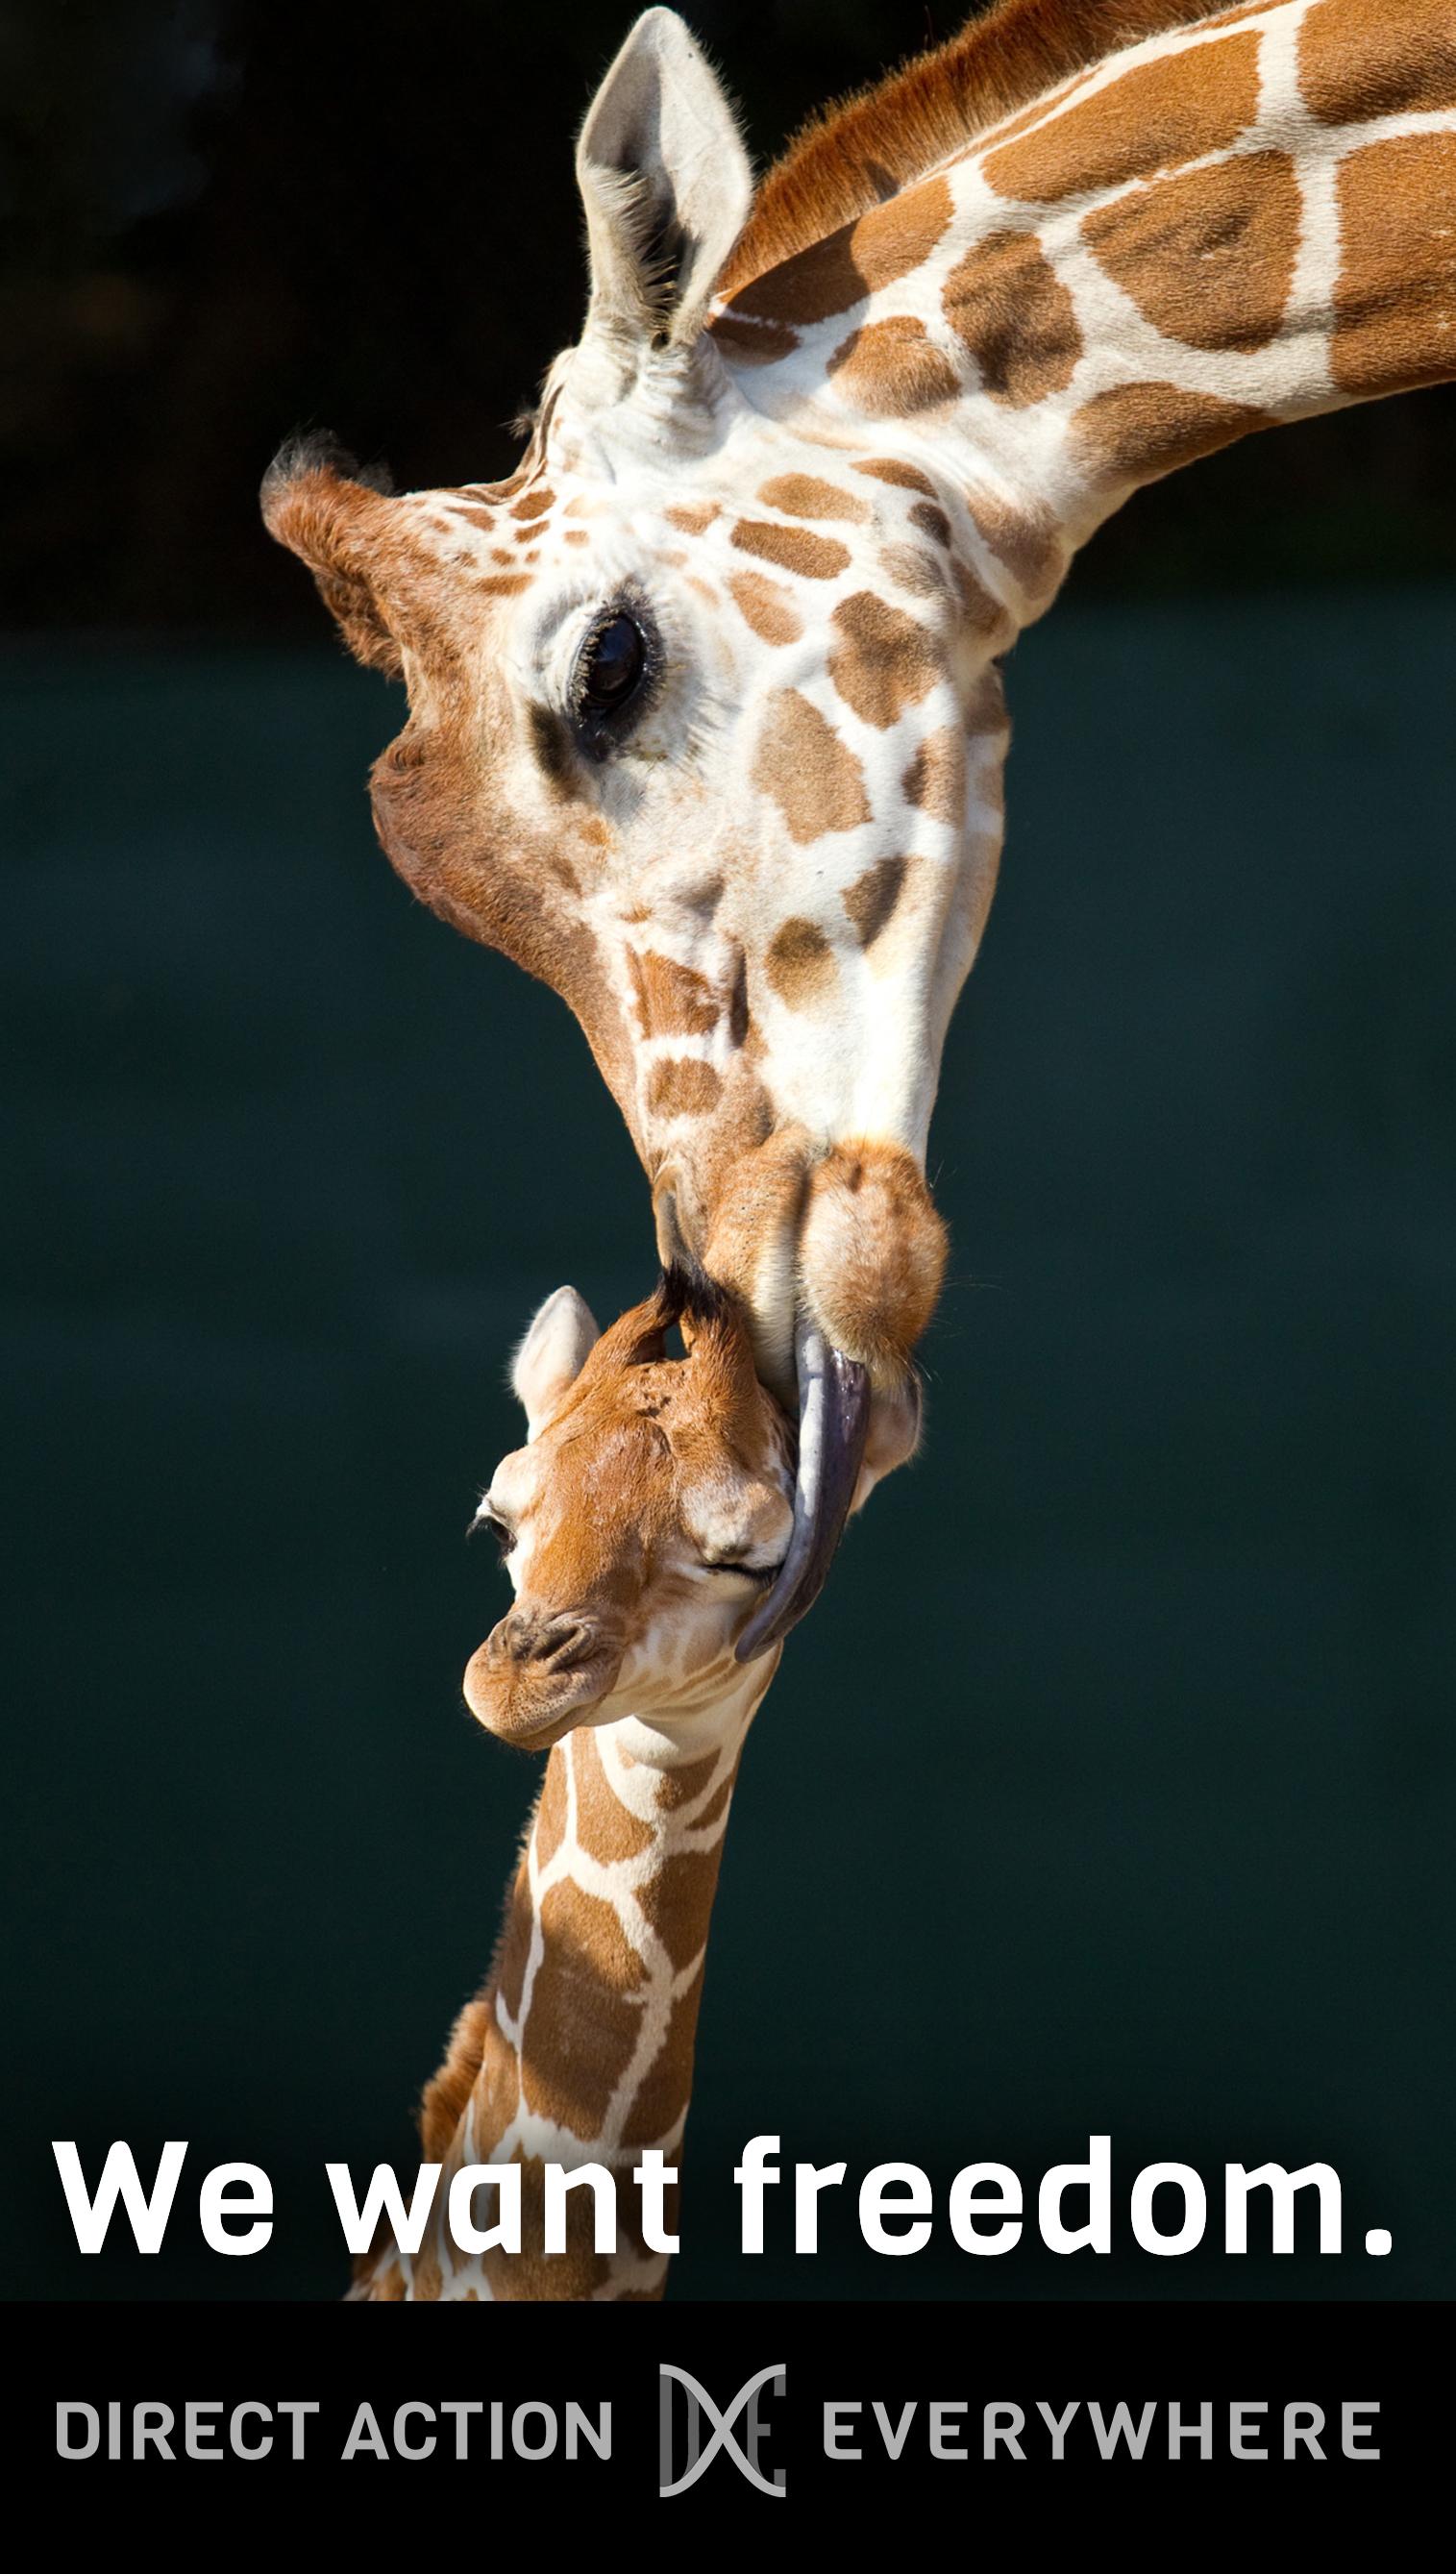 iwantfreedom_giraffes.jpg